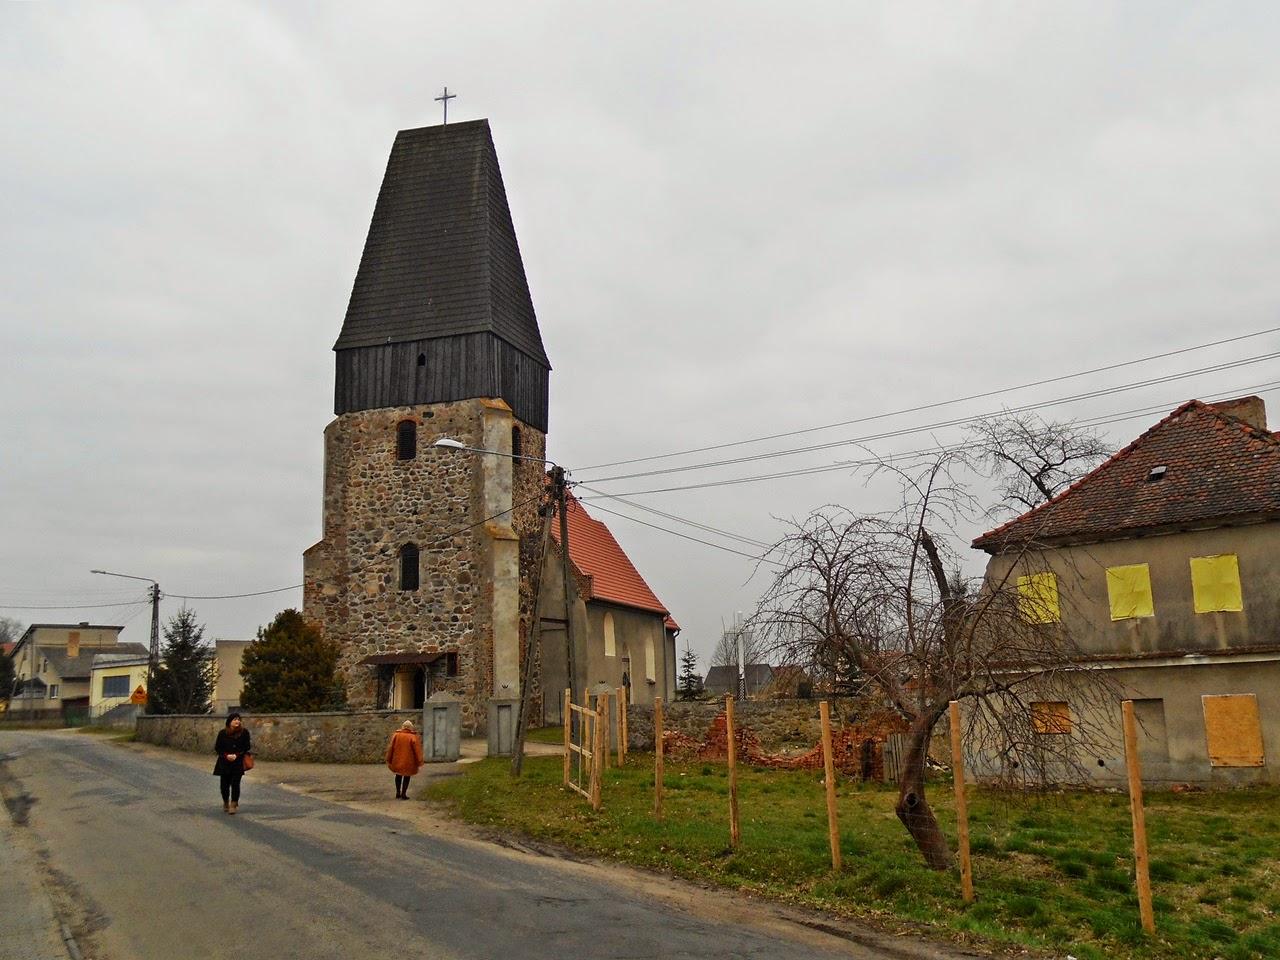 budowle sakralne, świątynia, wieś, droga